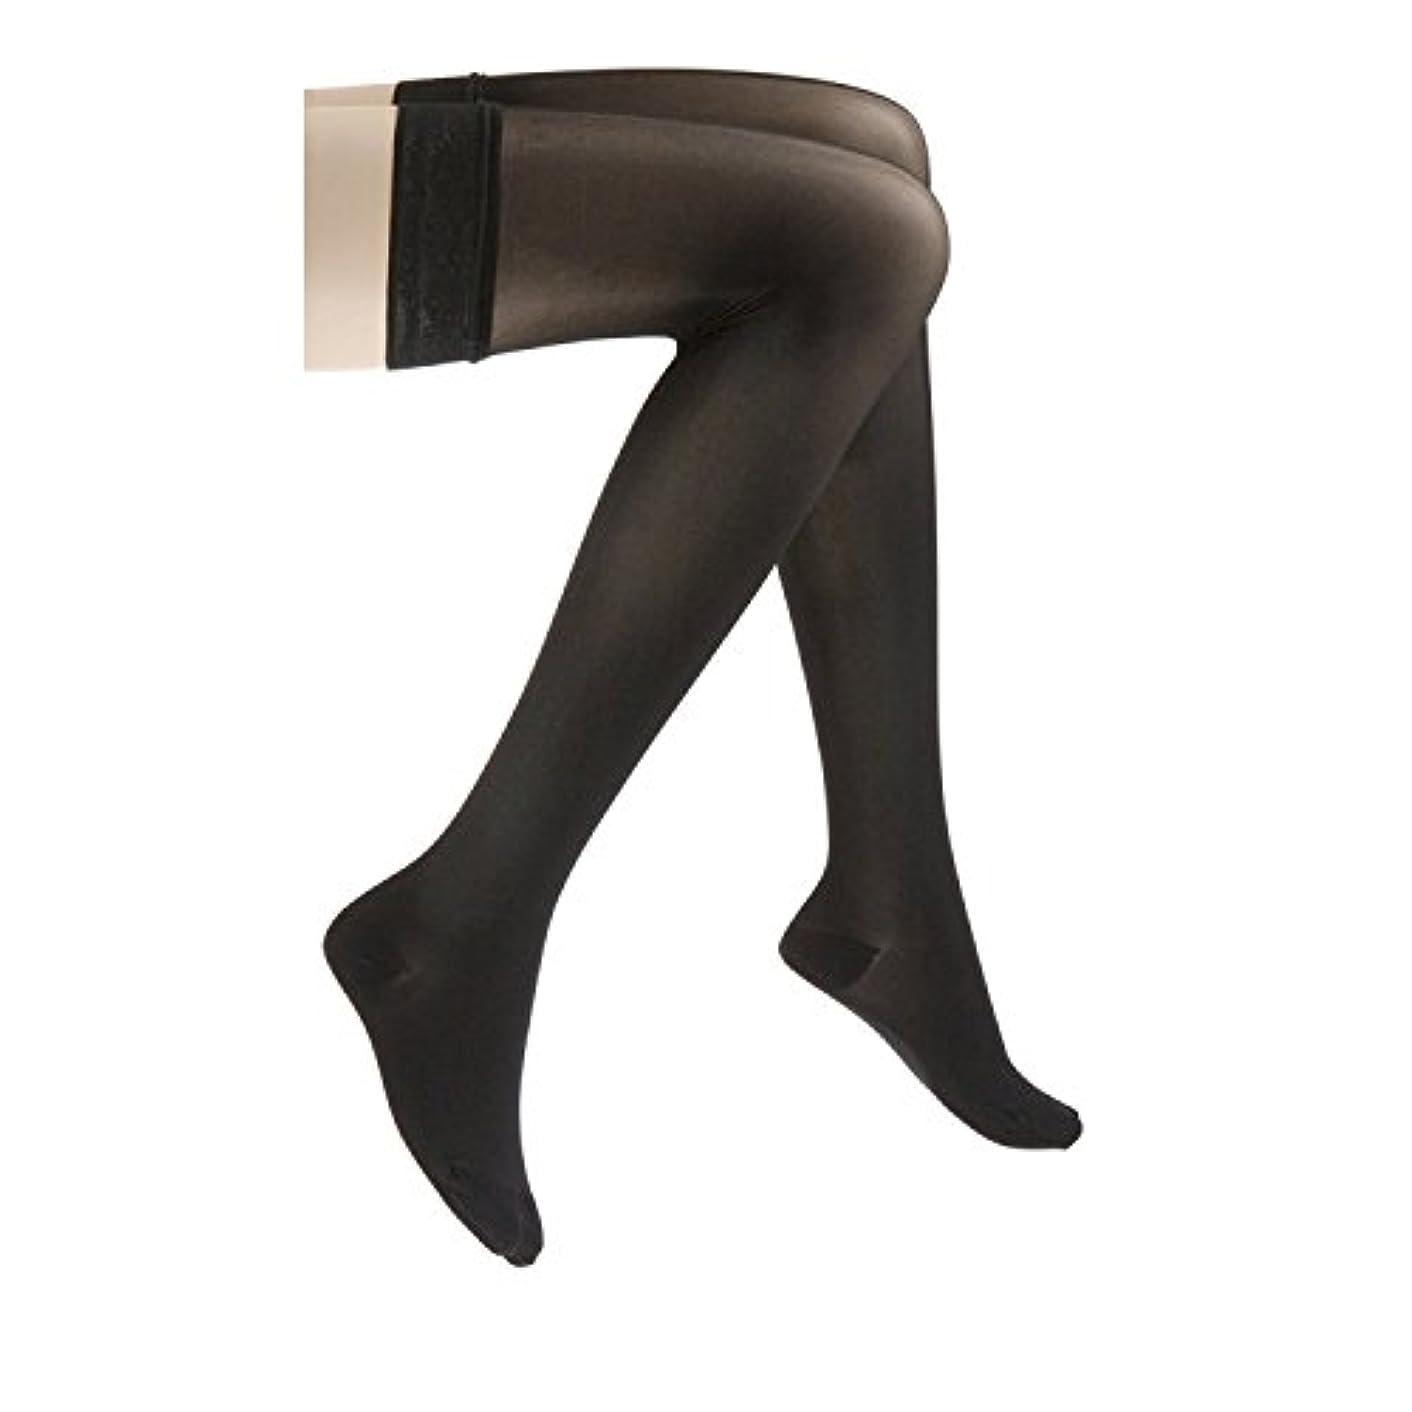 ブレイズまたね野心Jobst 122330 Ultrasheer Thigh Highs 30-40 mmHg Extra Firm with Dotted Silicone Top Band - Size & Color- Classic...